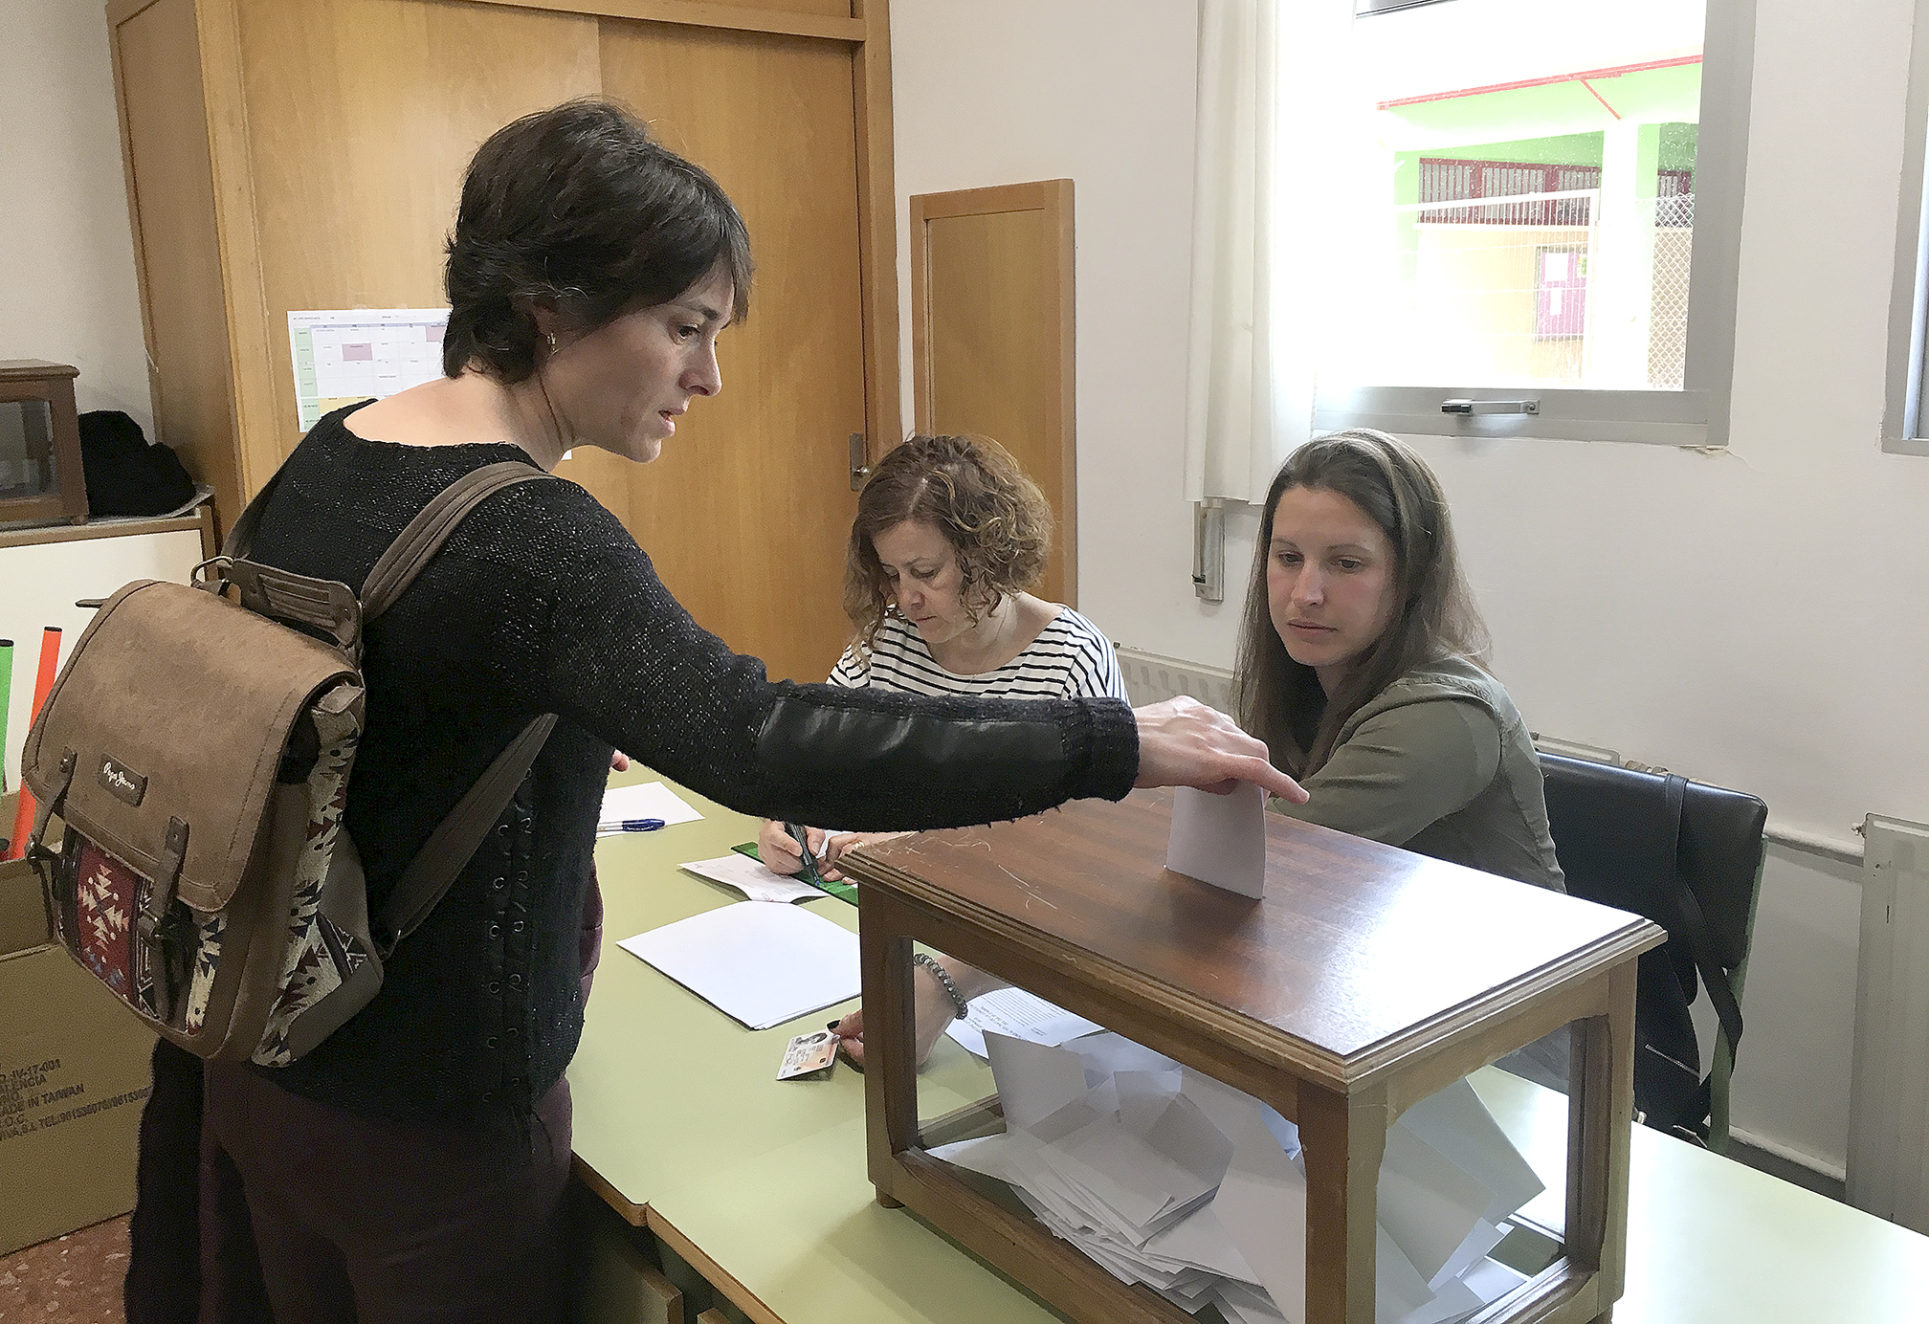 Els col·legis Bonavista i Martínez Valls voten hui per la jornada continuada El Periòdic d'Ontinyent